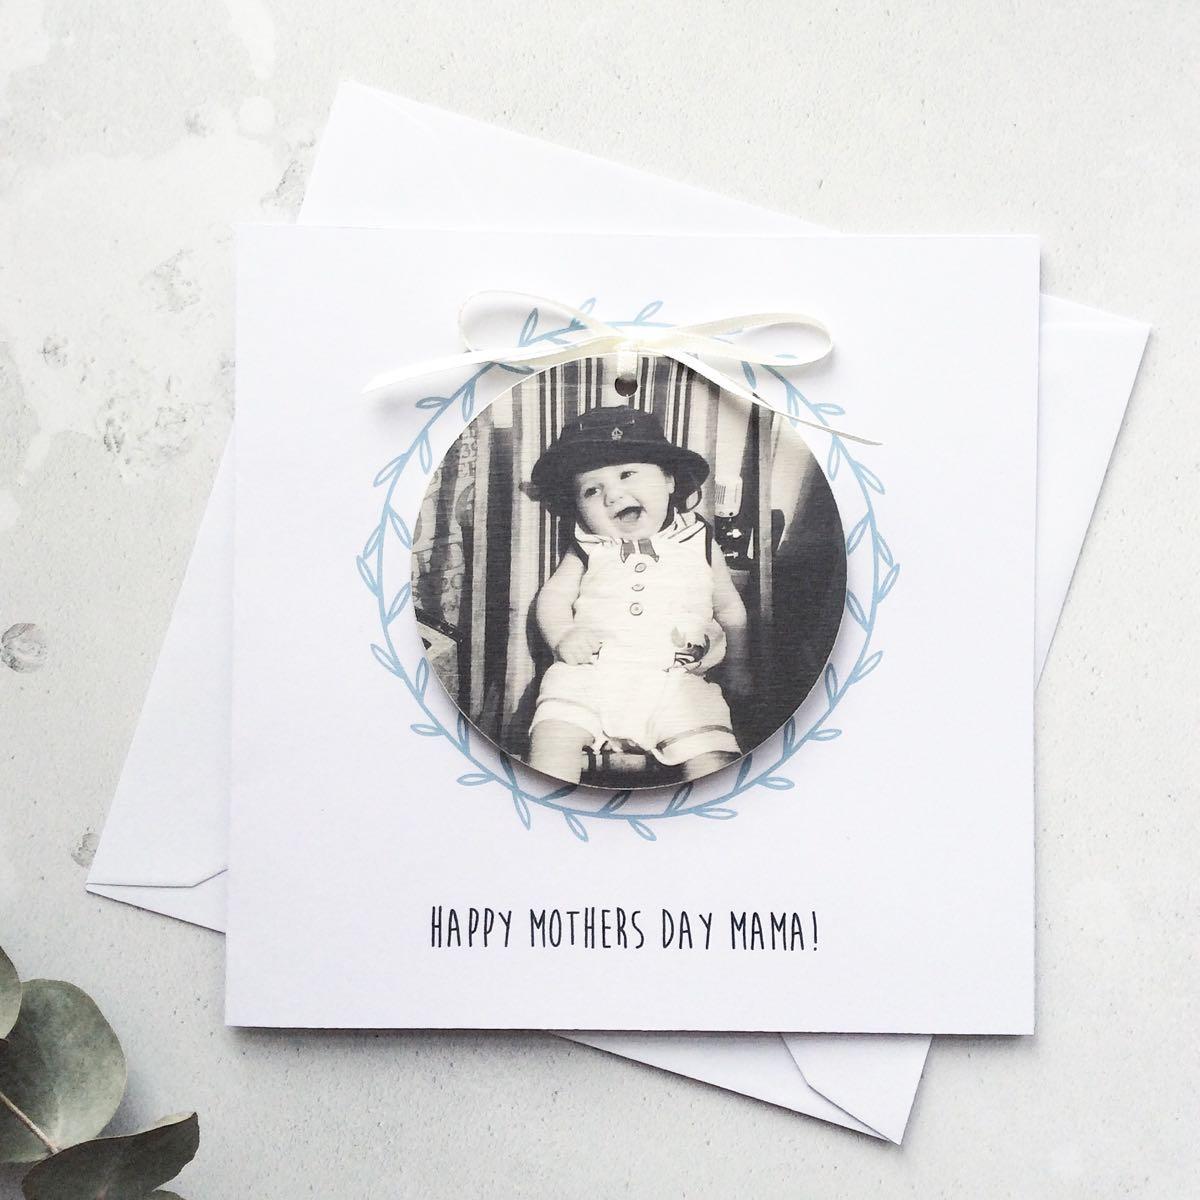 Personalised Wooden Photo Keepsake Greetings Card